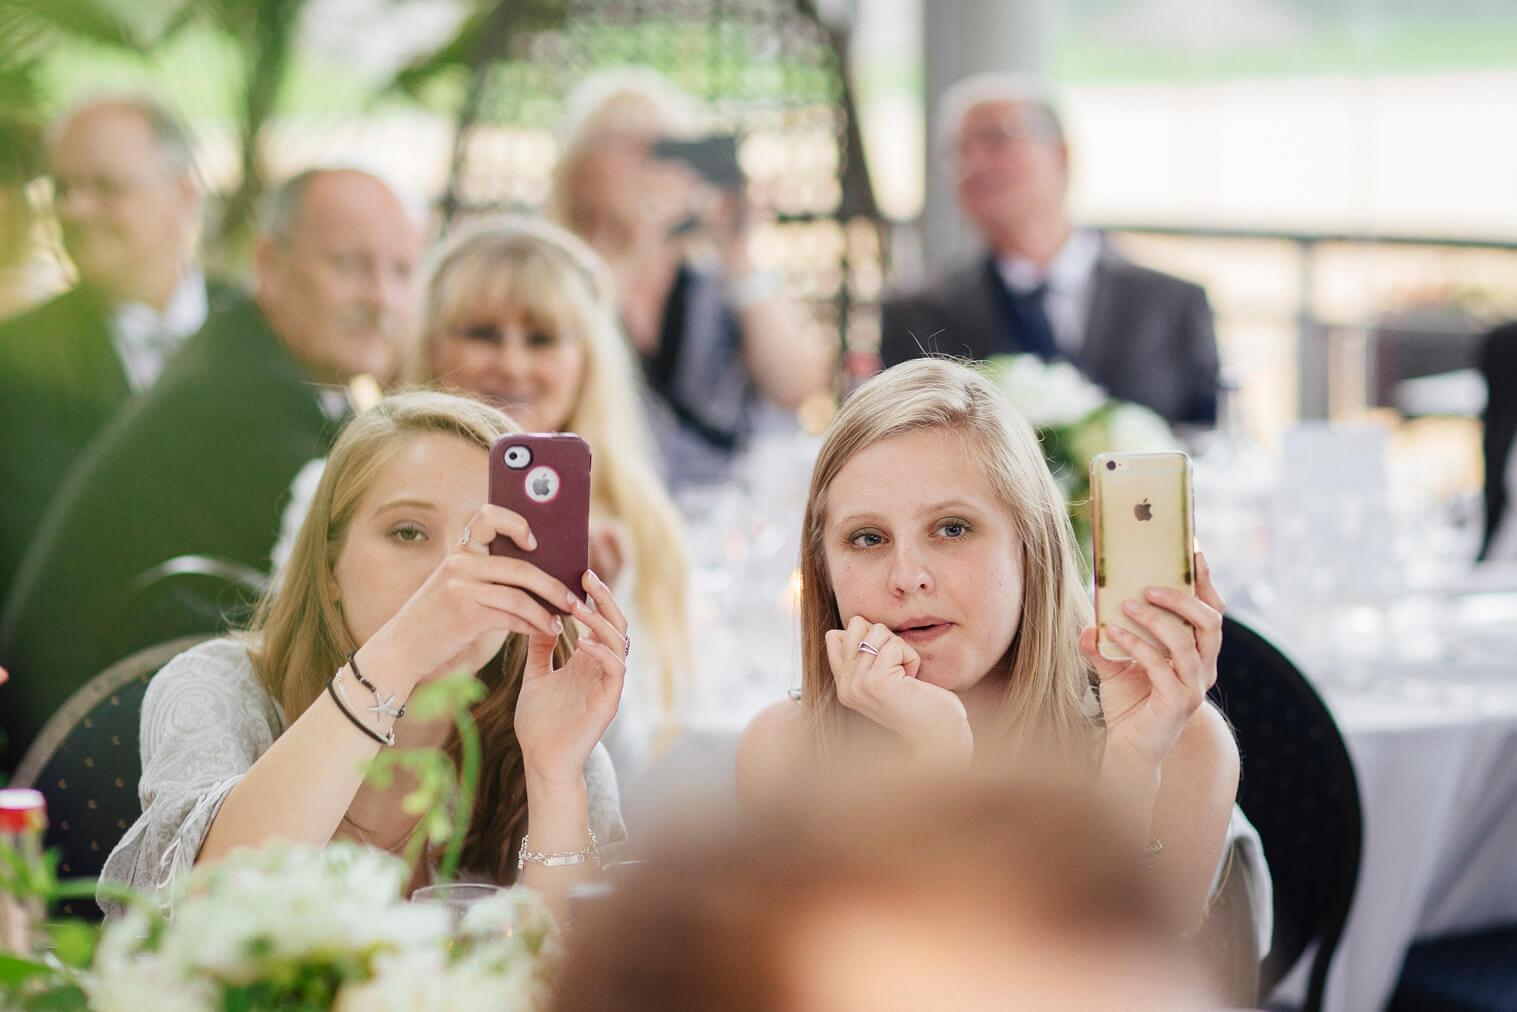 you-me-us_wedding-and-family-photography_hochzeitsreportage-hamburg_isabelle-niki_148